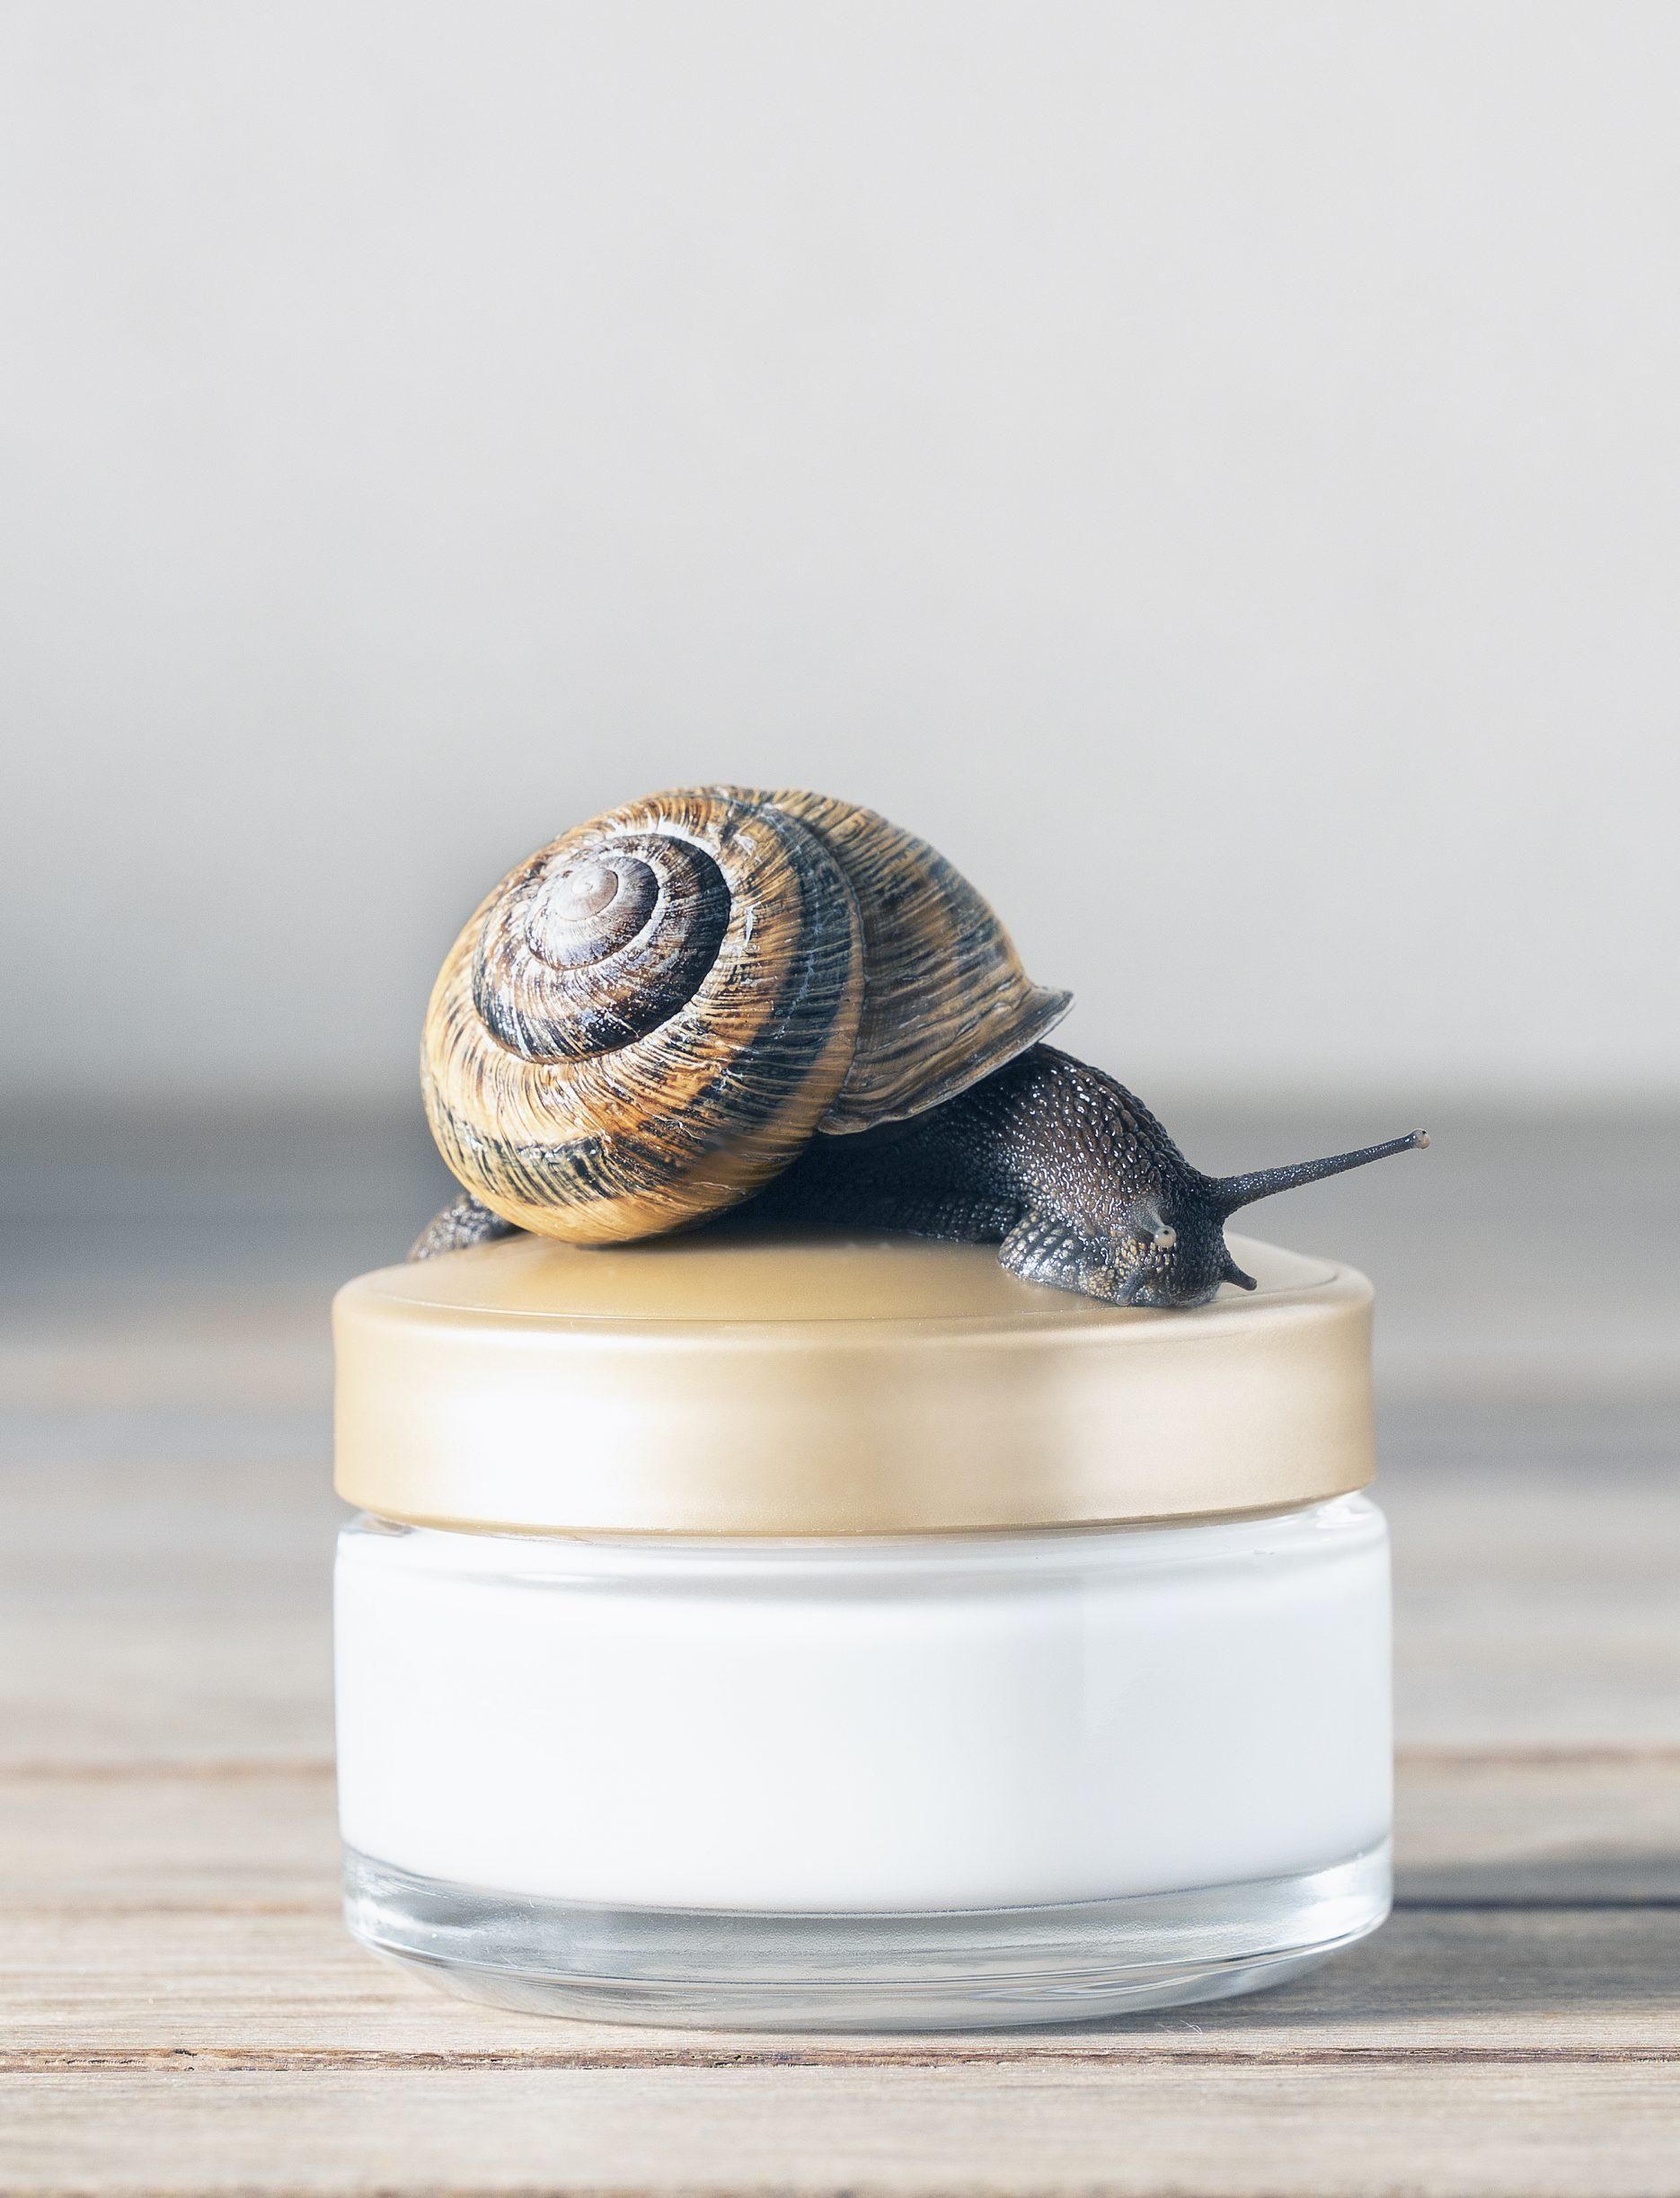 Best Snail creams